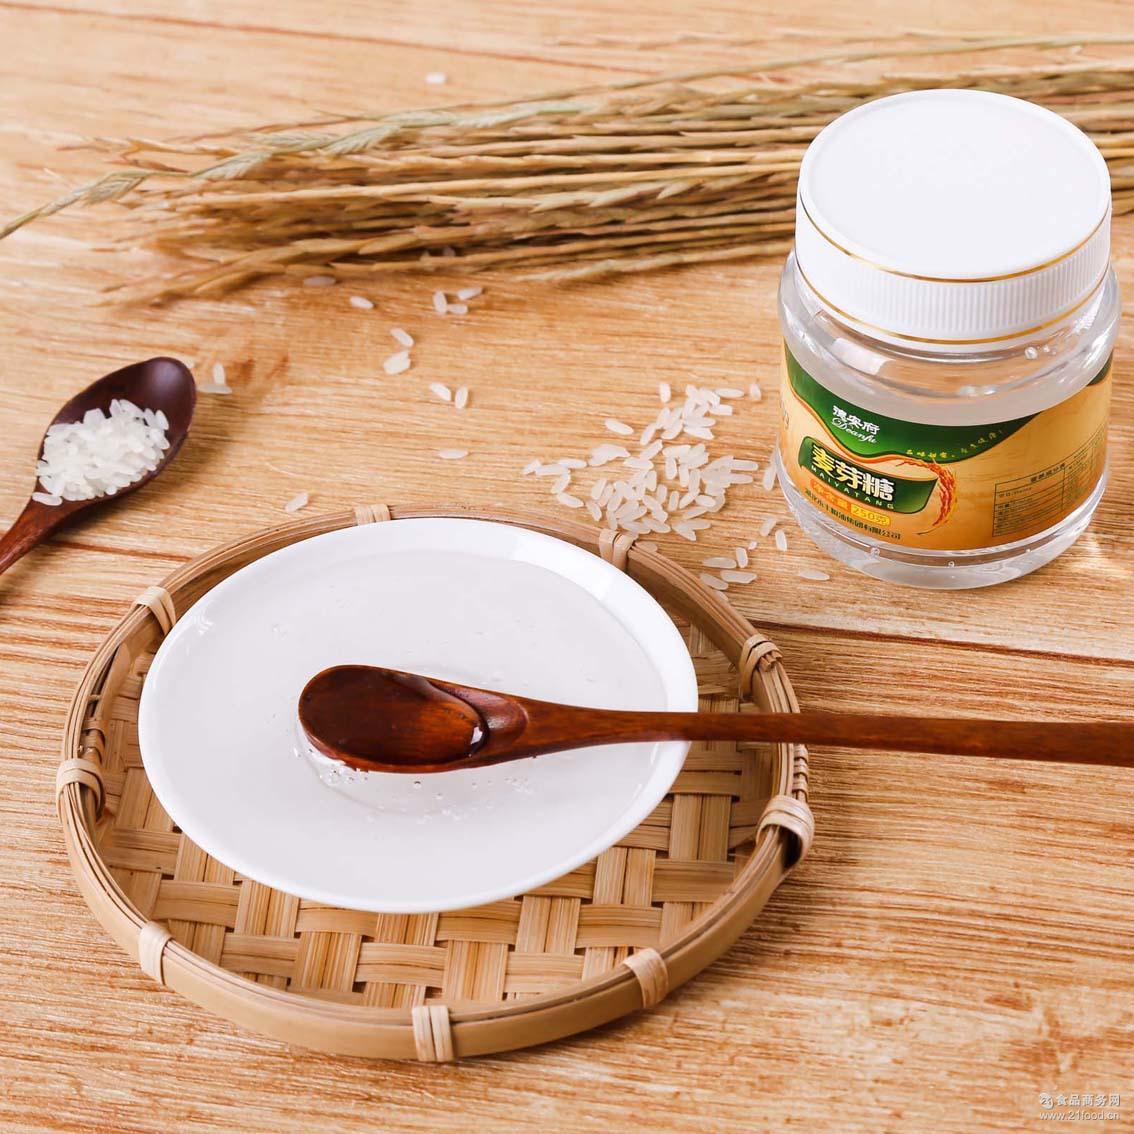 花生牛轧糖用糖稀 德安府80%透明麦芽糖浆250g 炒菜拌菜泡菜料理